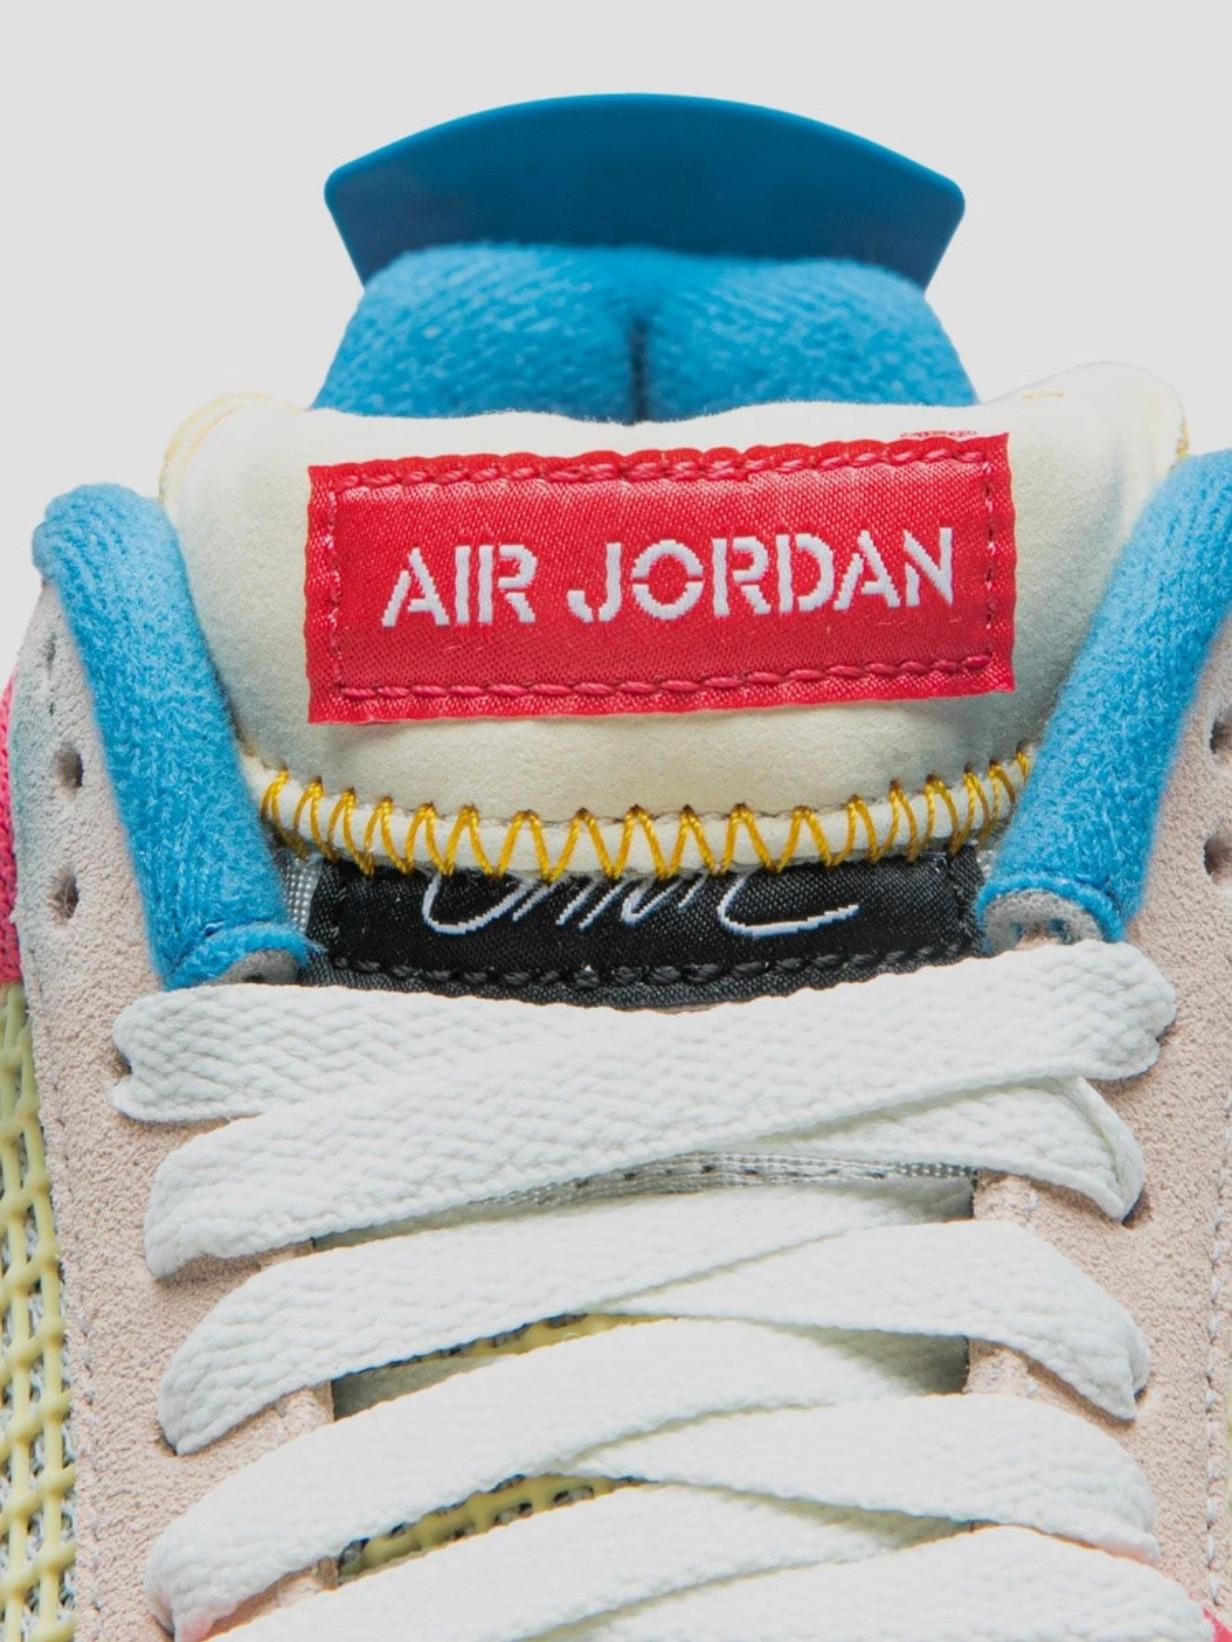 Union LA x Air Jordan 4 Guava Ice tongue